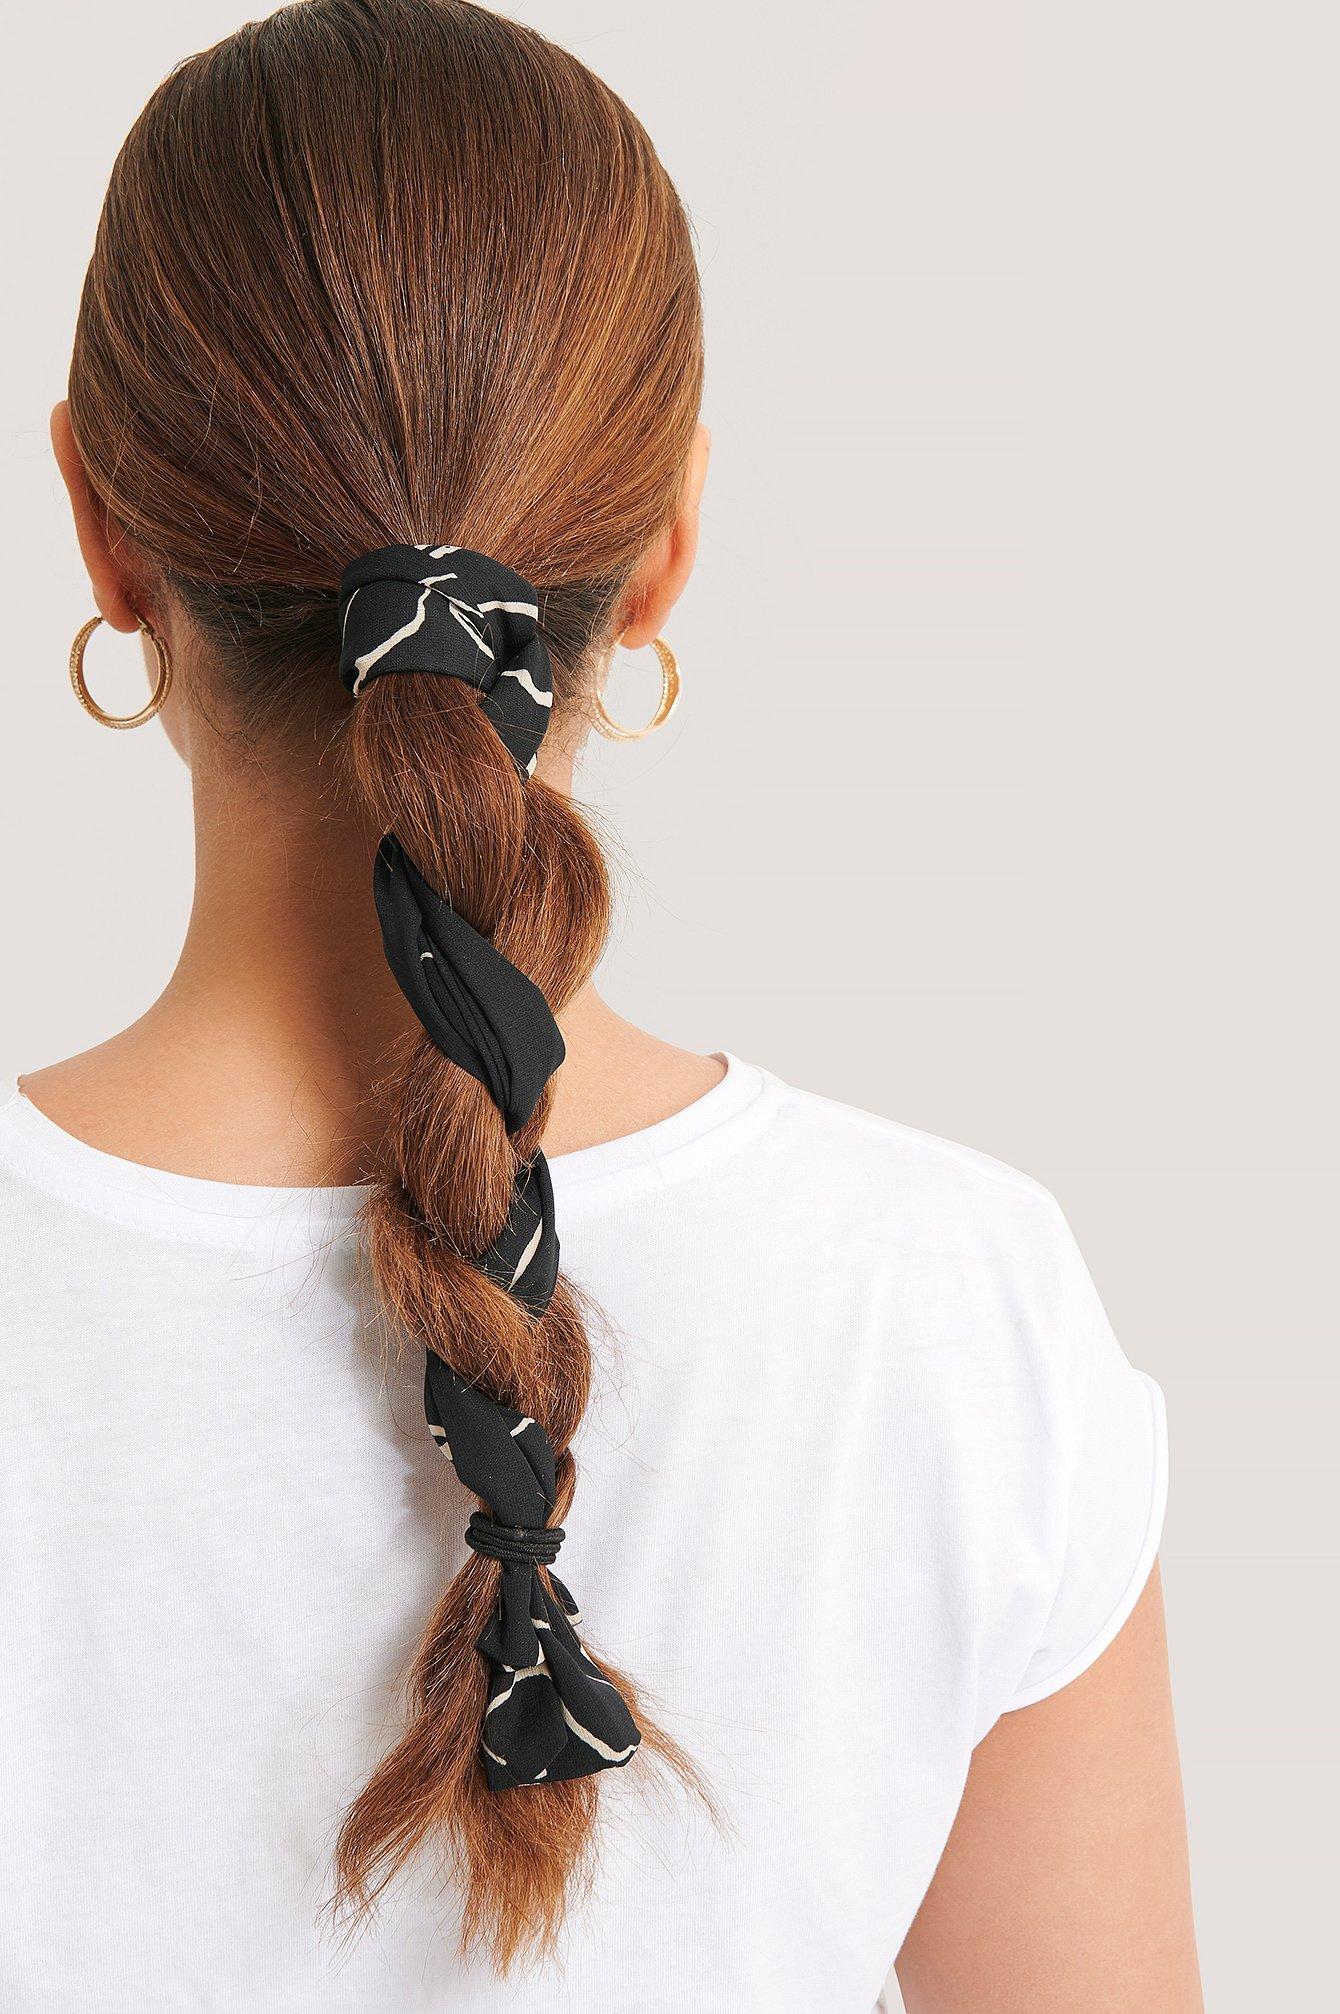 Sort tørklæde til håret med hvidt mønster